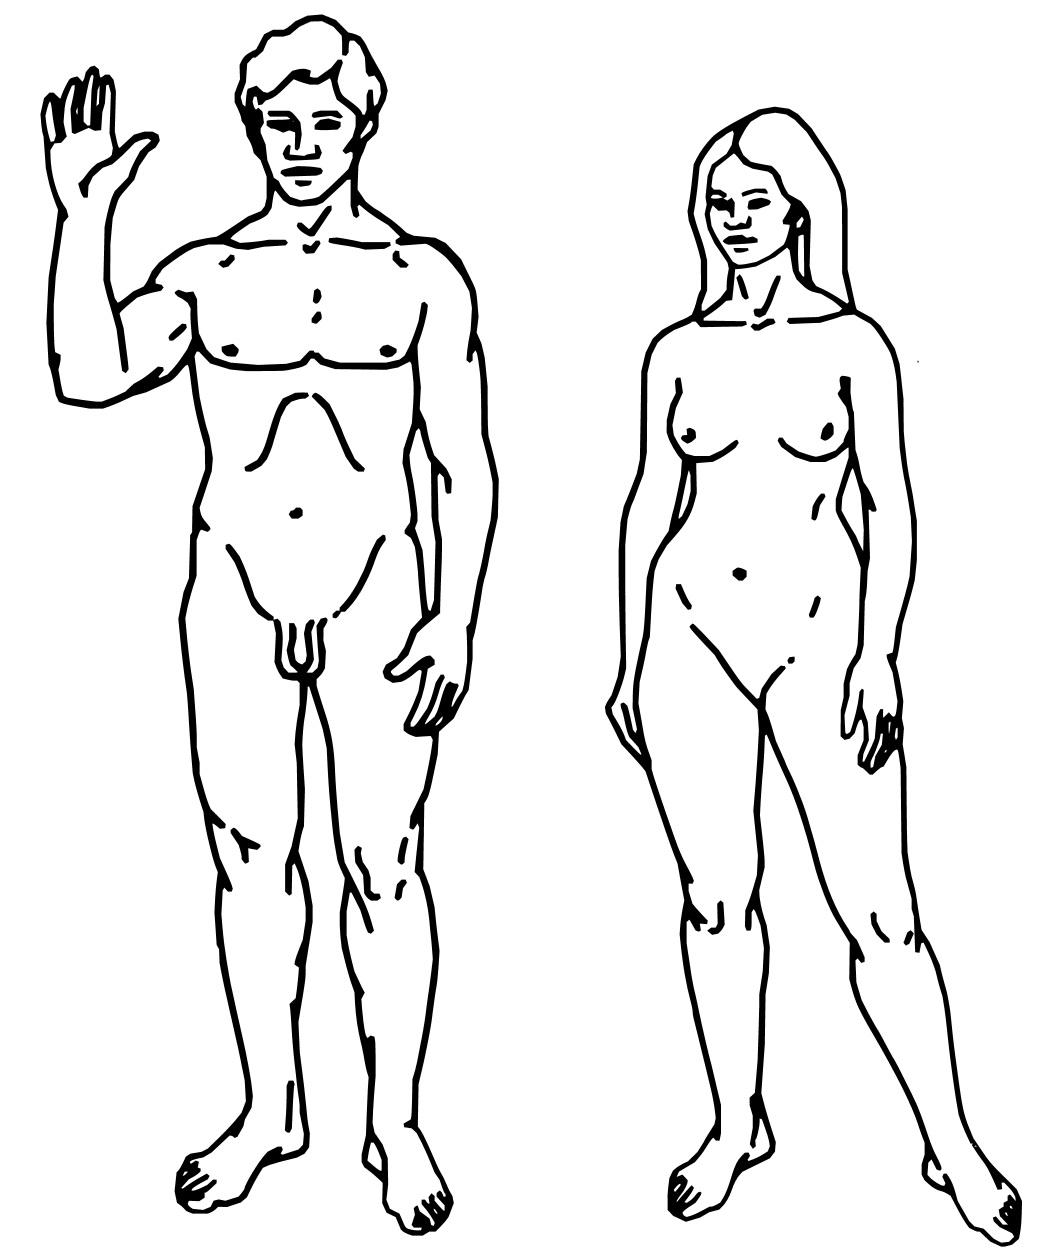 Раскраска голого тела 3 фотография